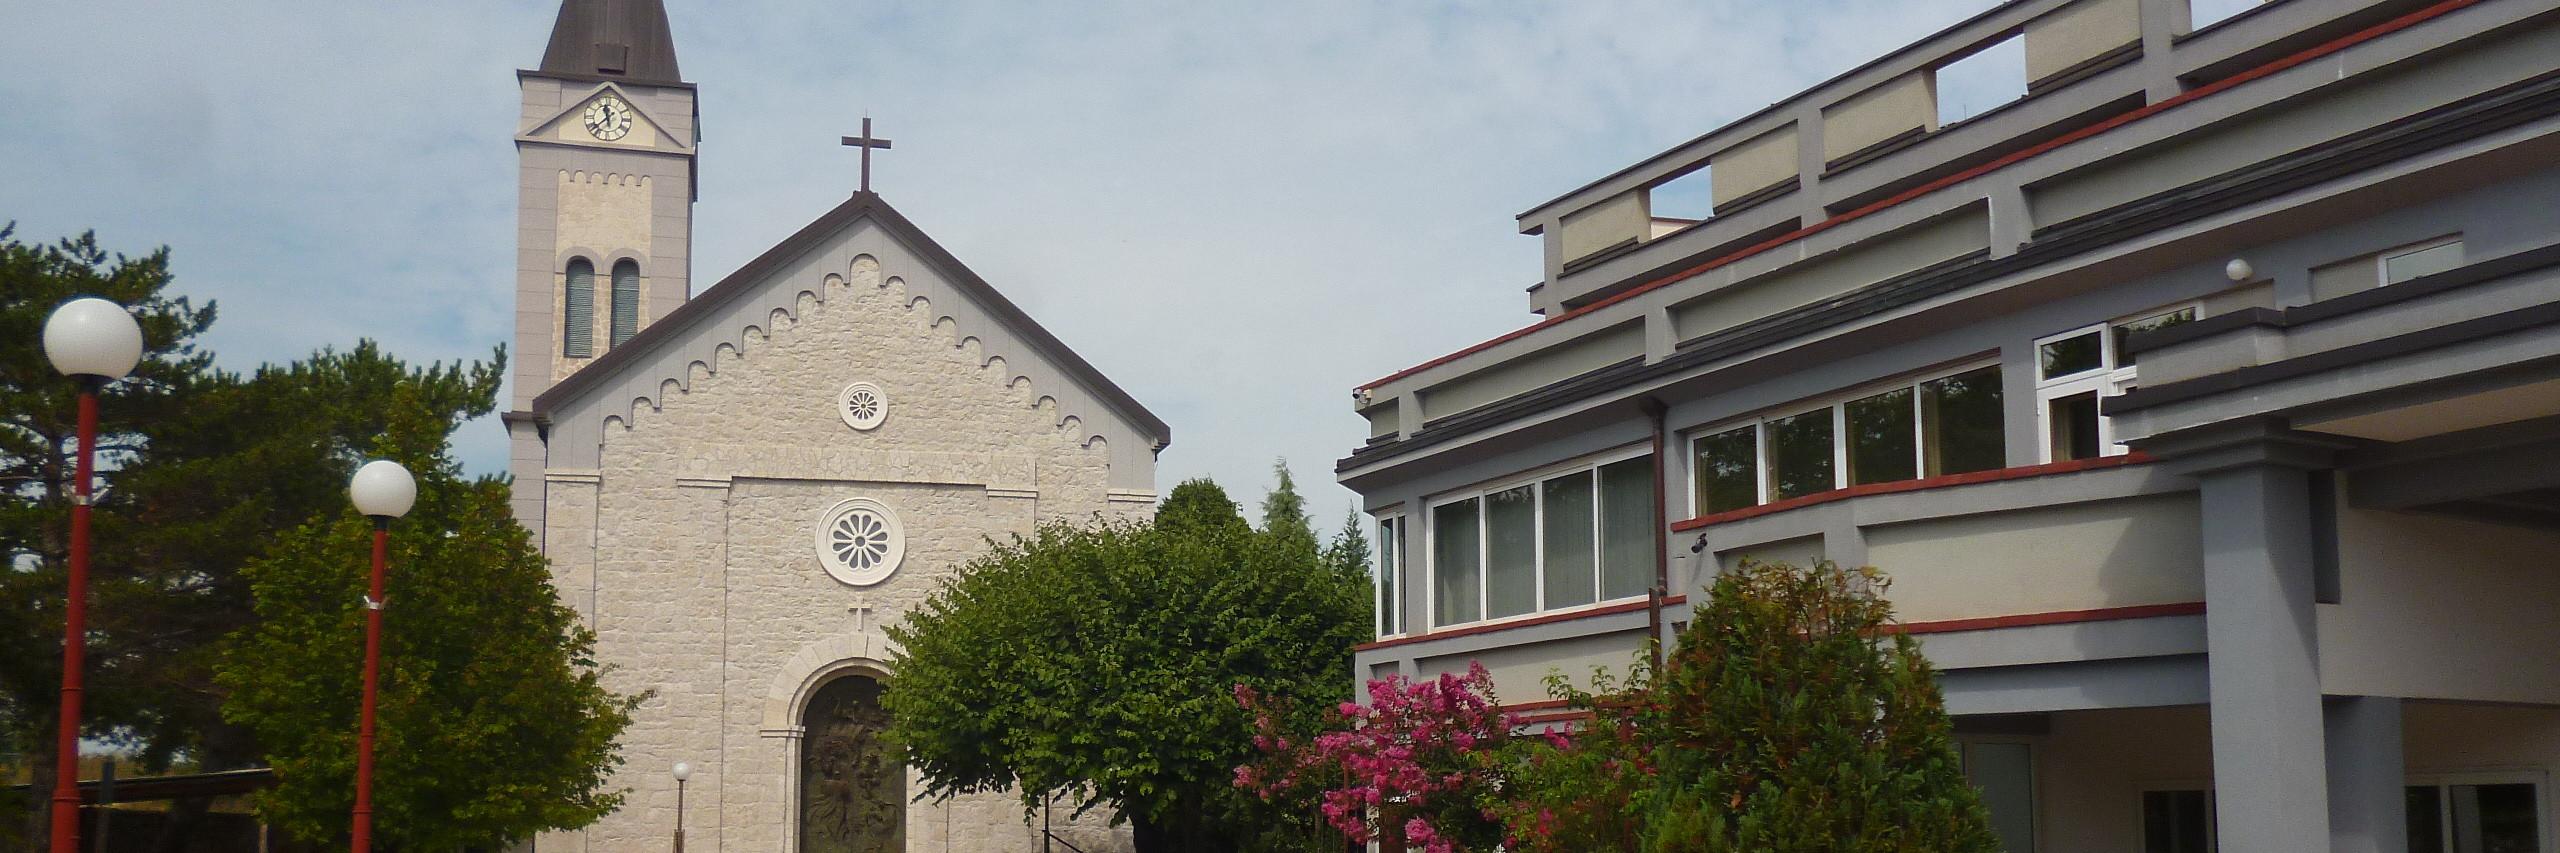 Церковь св. Илии в Крушево